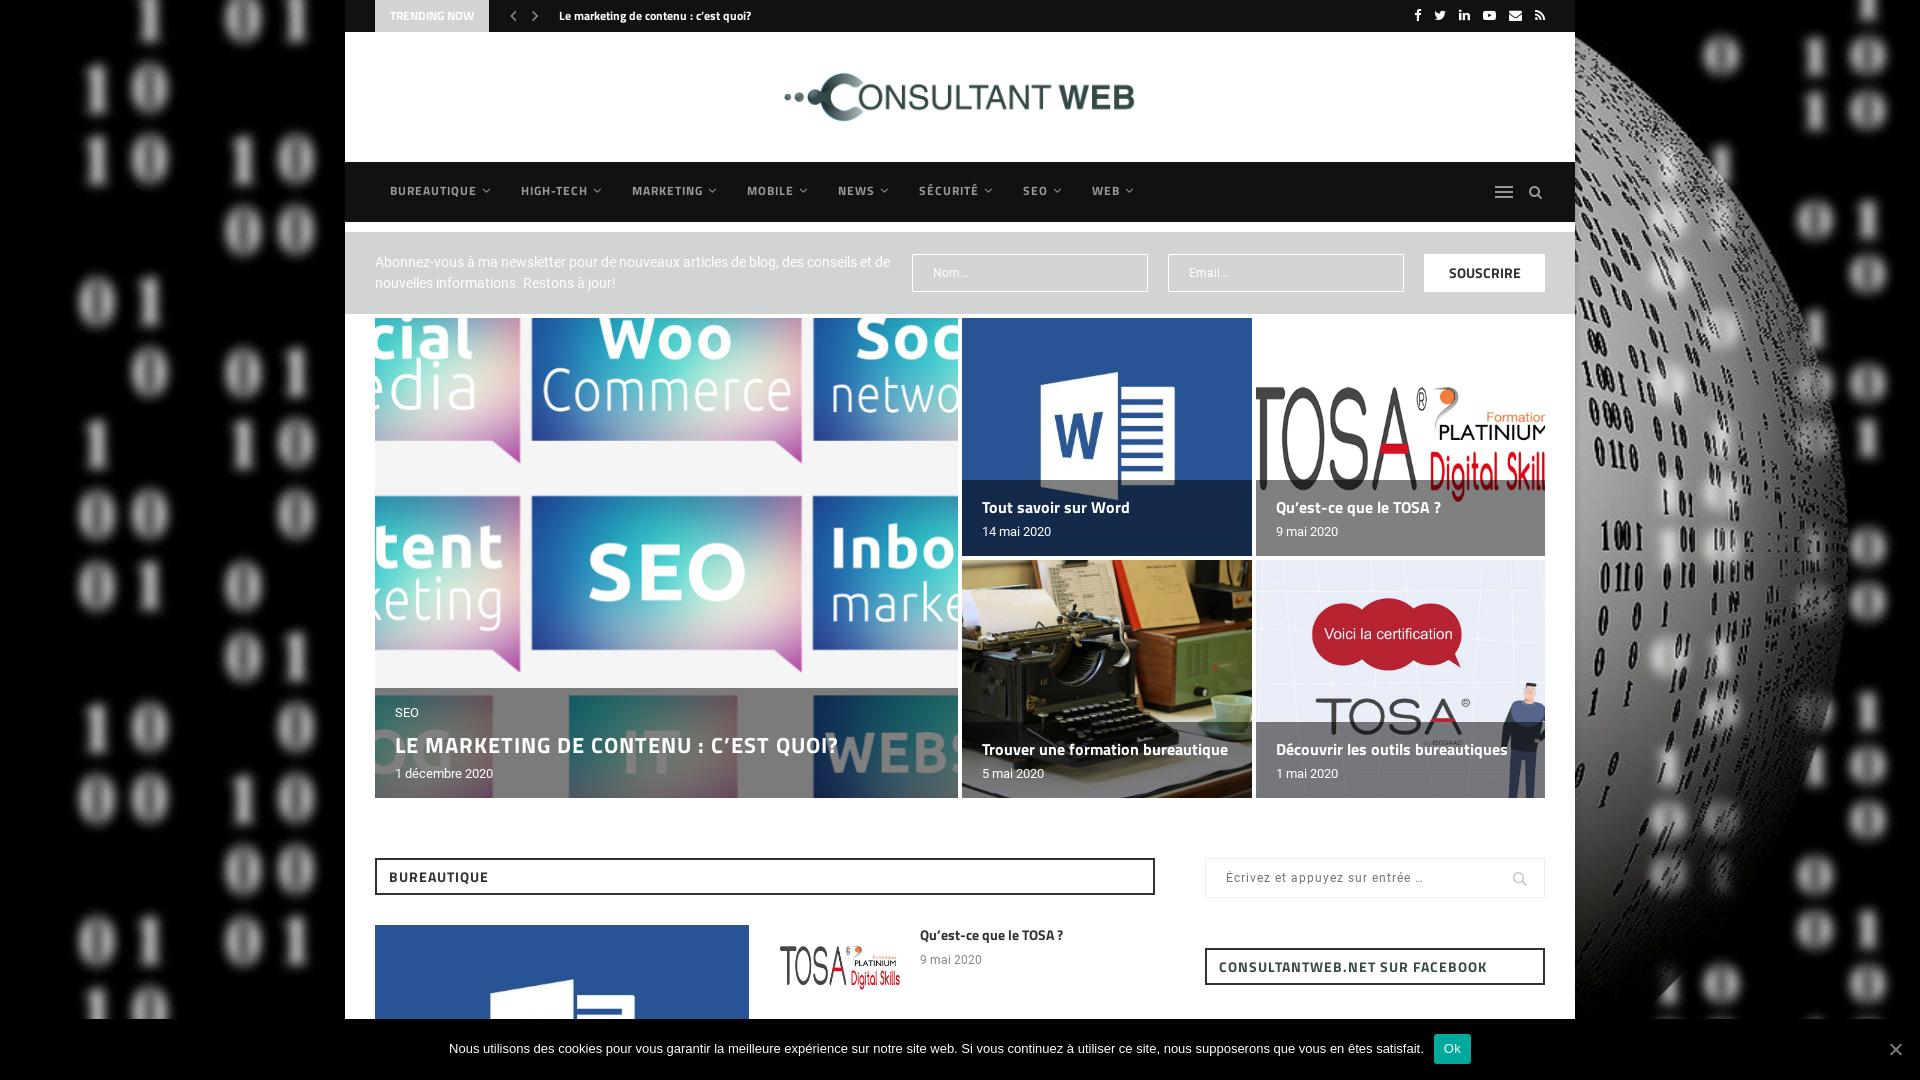 consultantweb.net